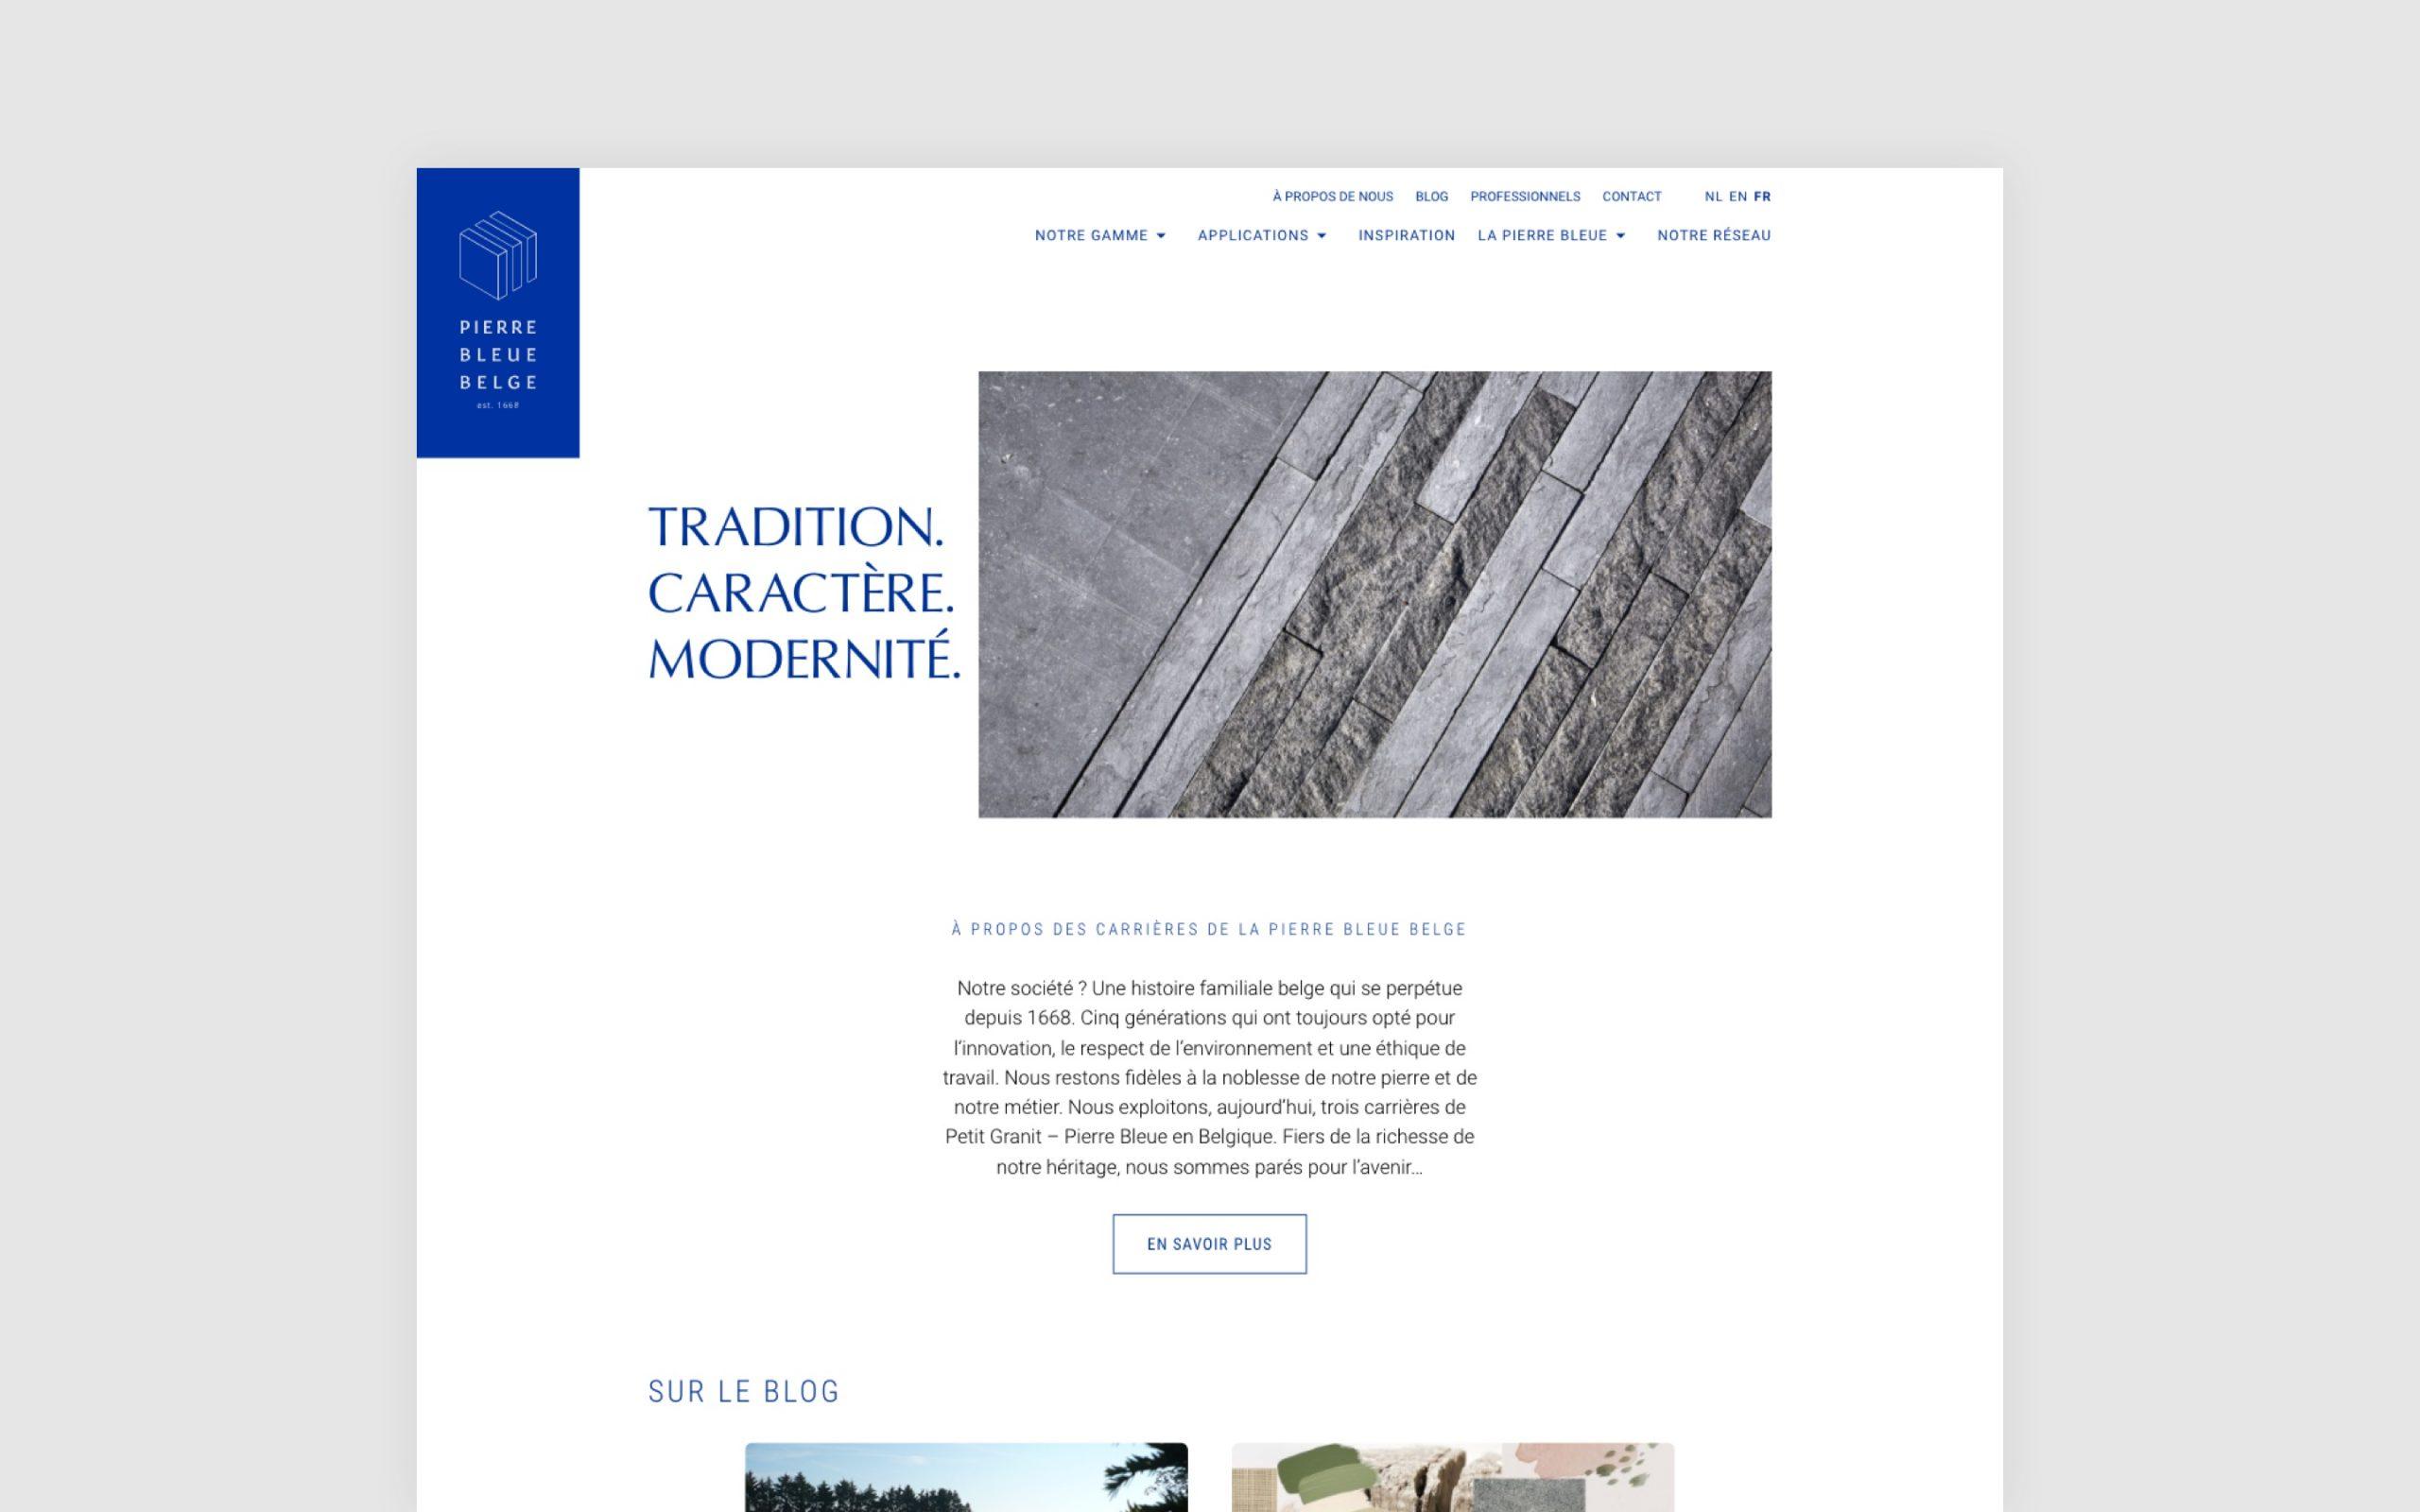 Travail collaboratif avec l'équipe des Carrières de la Pierre Bleue Belge